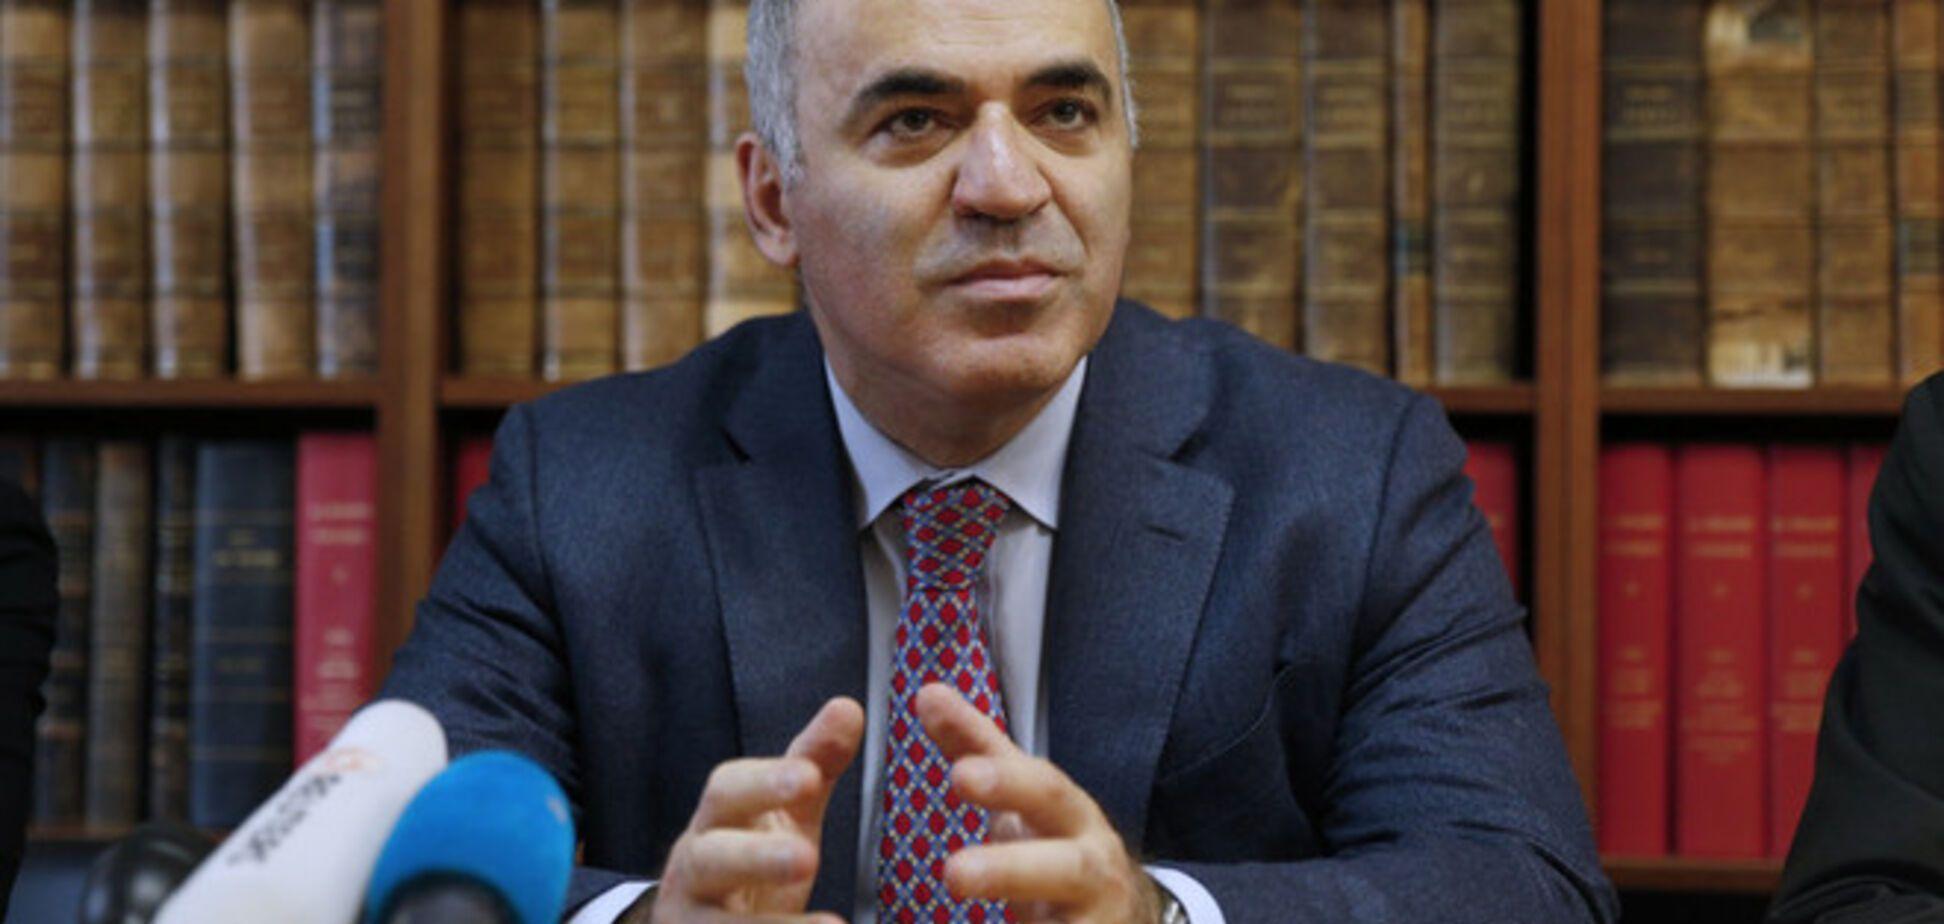 Каспаров сравнил перспективы Украины и России: РФ катится в бездну